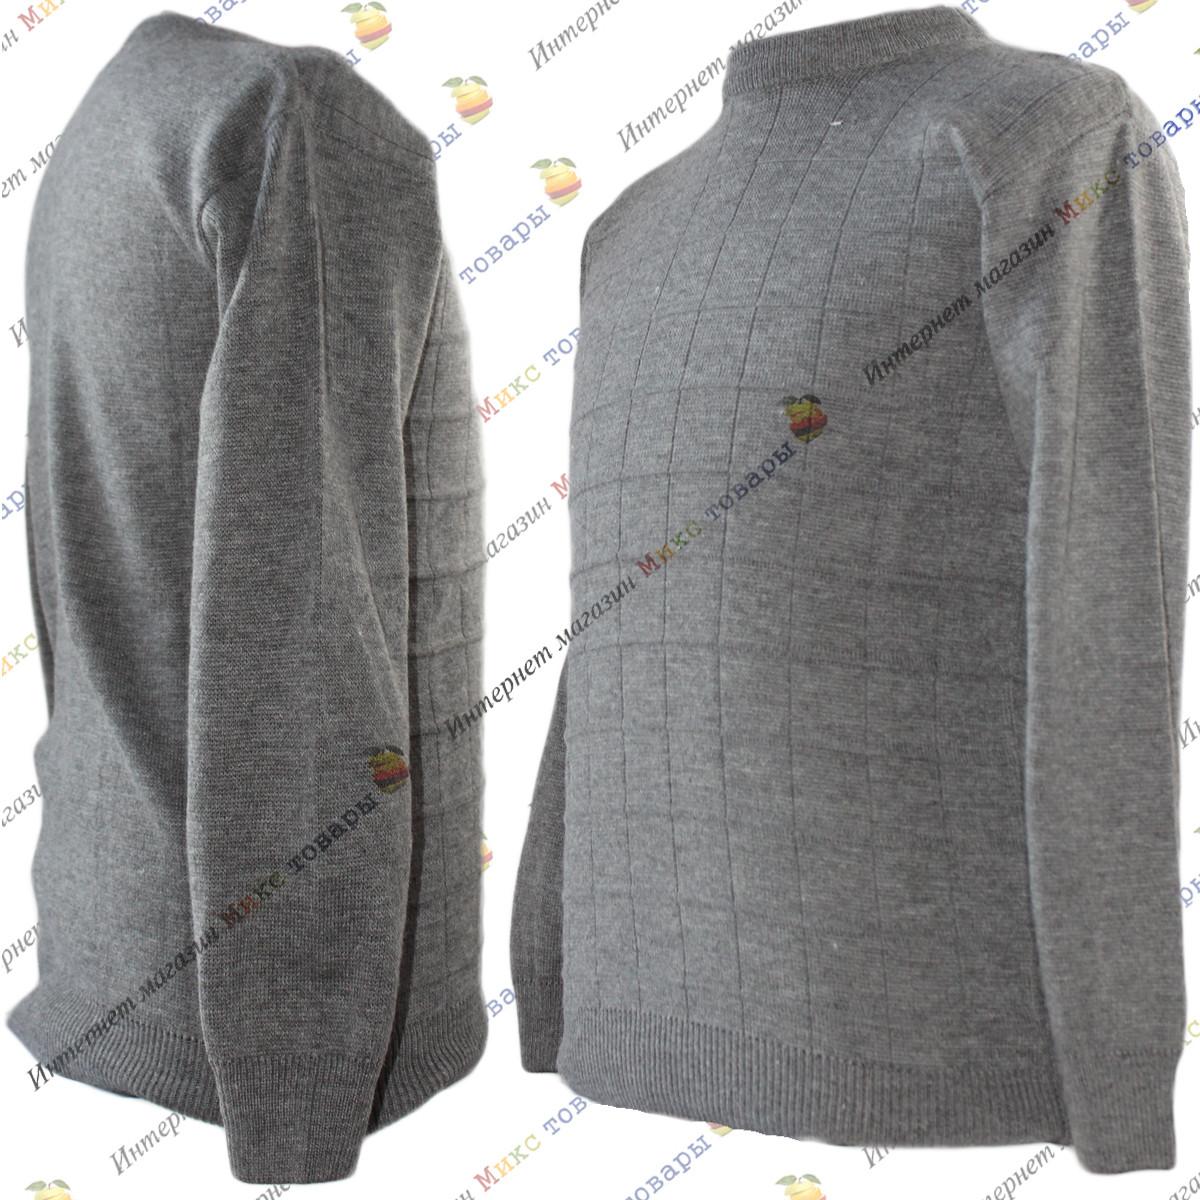 Мужские однотонные свитера с узором 1 размер 48- 50